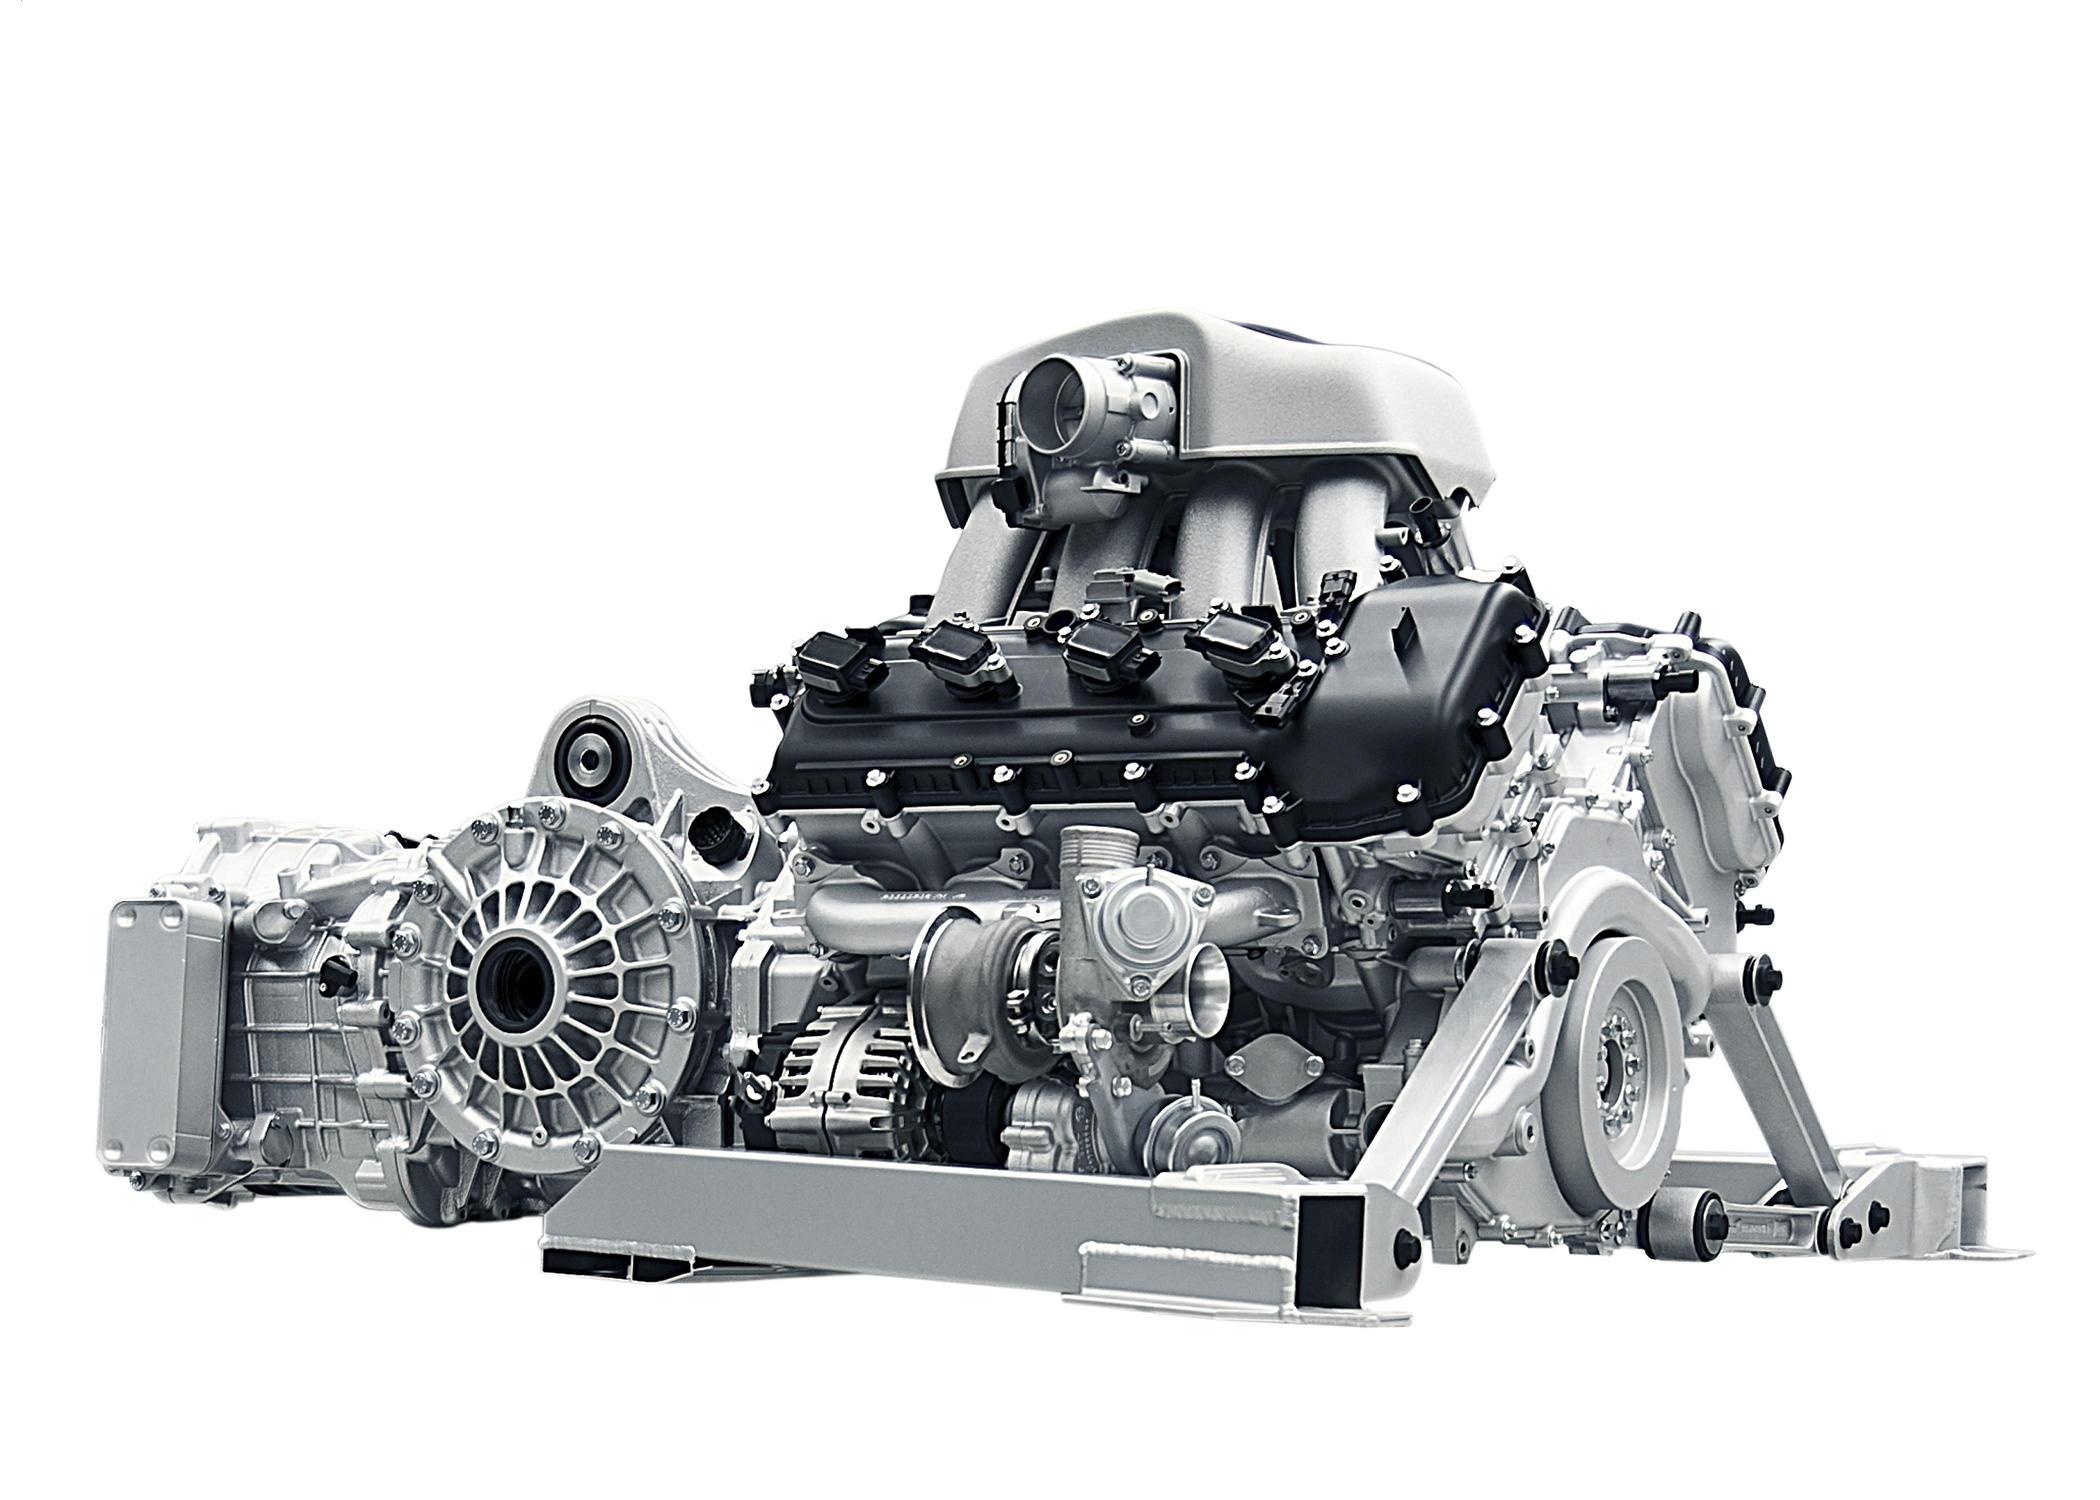 McLaren - engine / moteur - M838T